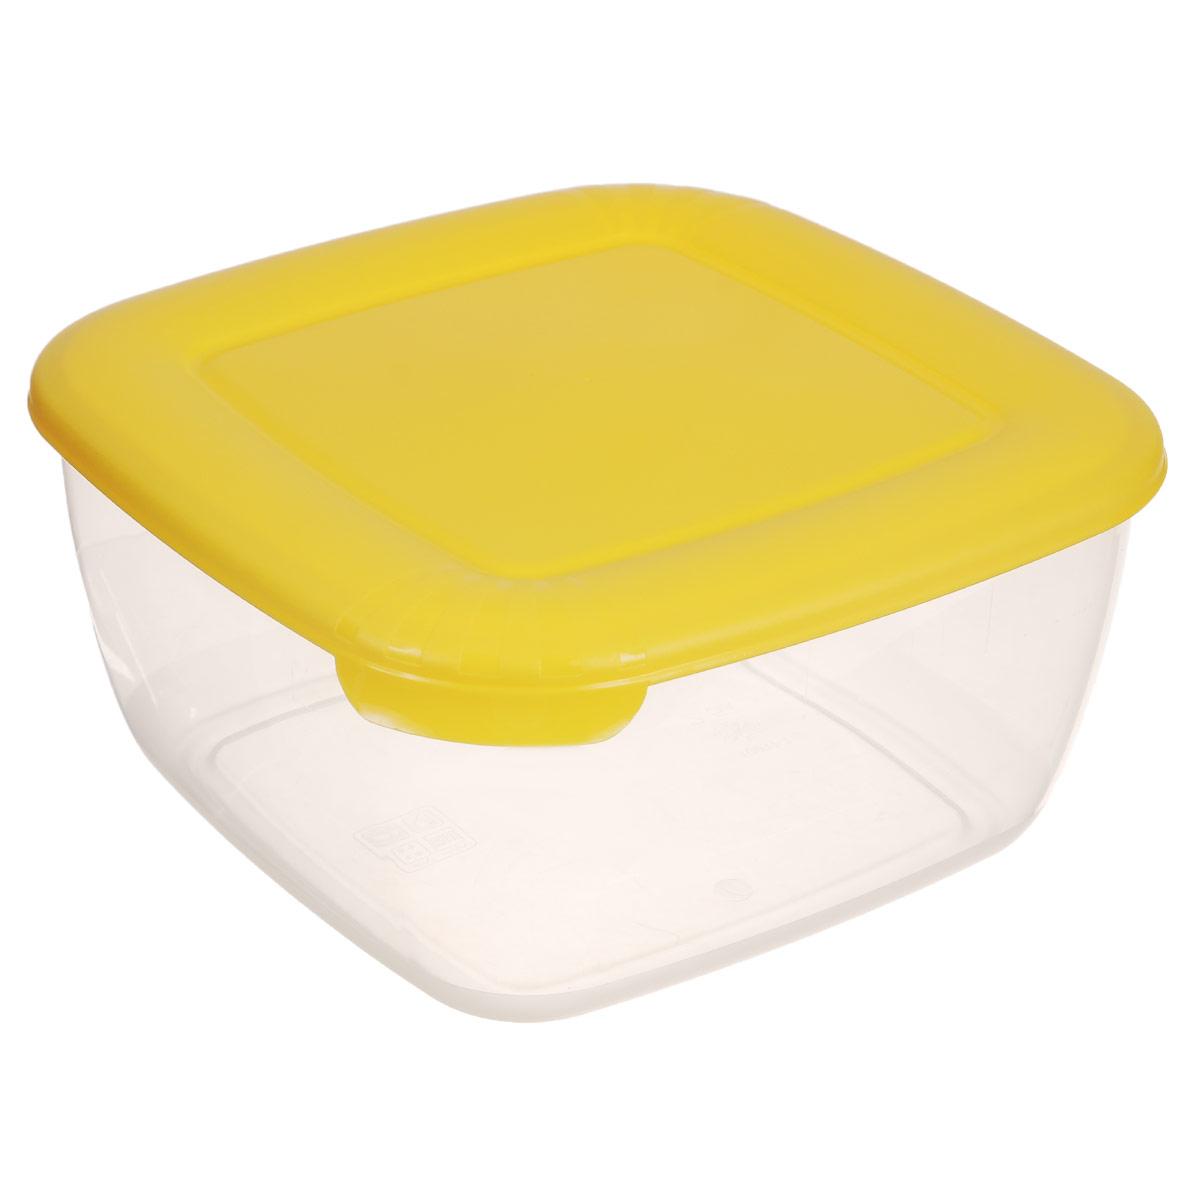 Контейнер Полимербыт Лайт, цвет: желтый, 2,5 л116833_серый, прозрачныйКонтейнер Полимербыт Лайт квадратной формы, изготовленный из прочного пластика, предназначен специально для хранения пищевых продуктов. Крышка легко открывается и плотно закрывается. Контейнер устойчив к воздействию масел и жиров, легко моется. Прозрачные стенки позволяют видеть содержимое. Контейнер имеет возможность хранения продуктов глубокой заморозки, обладает высокой прочностью. Подходит для использования в микроволновых печах.Можно мыть в посудомоечной машине.